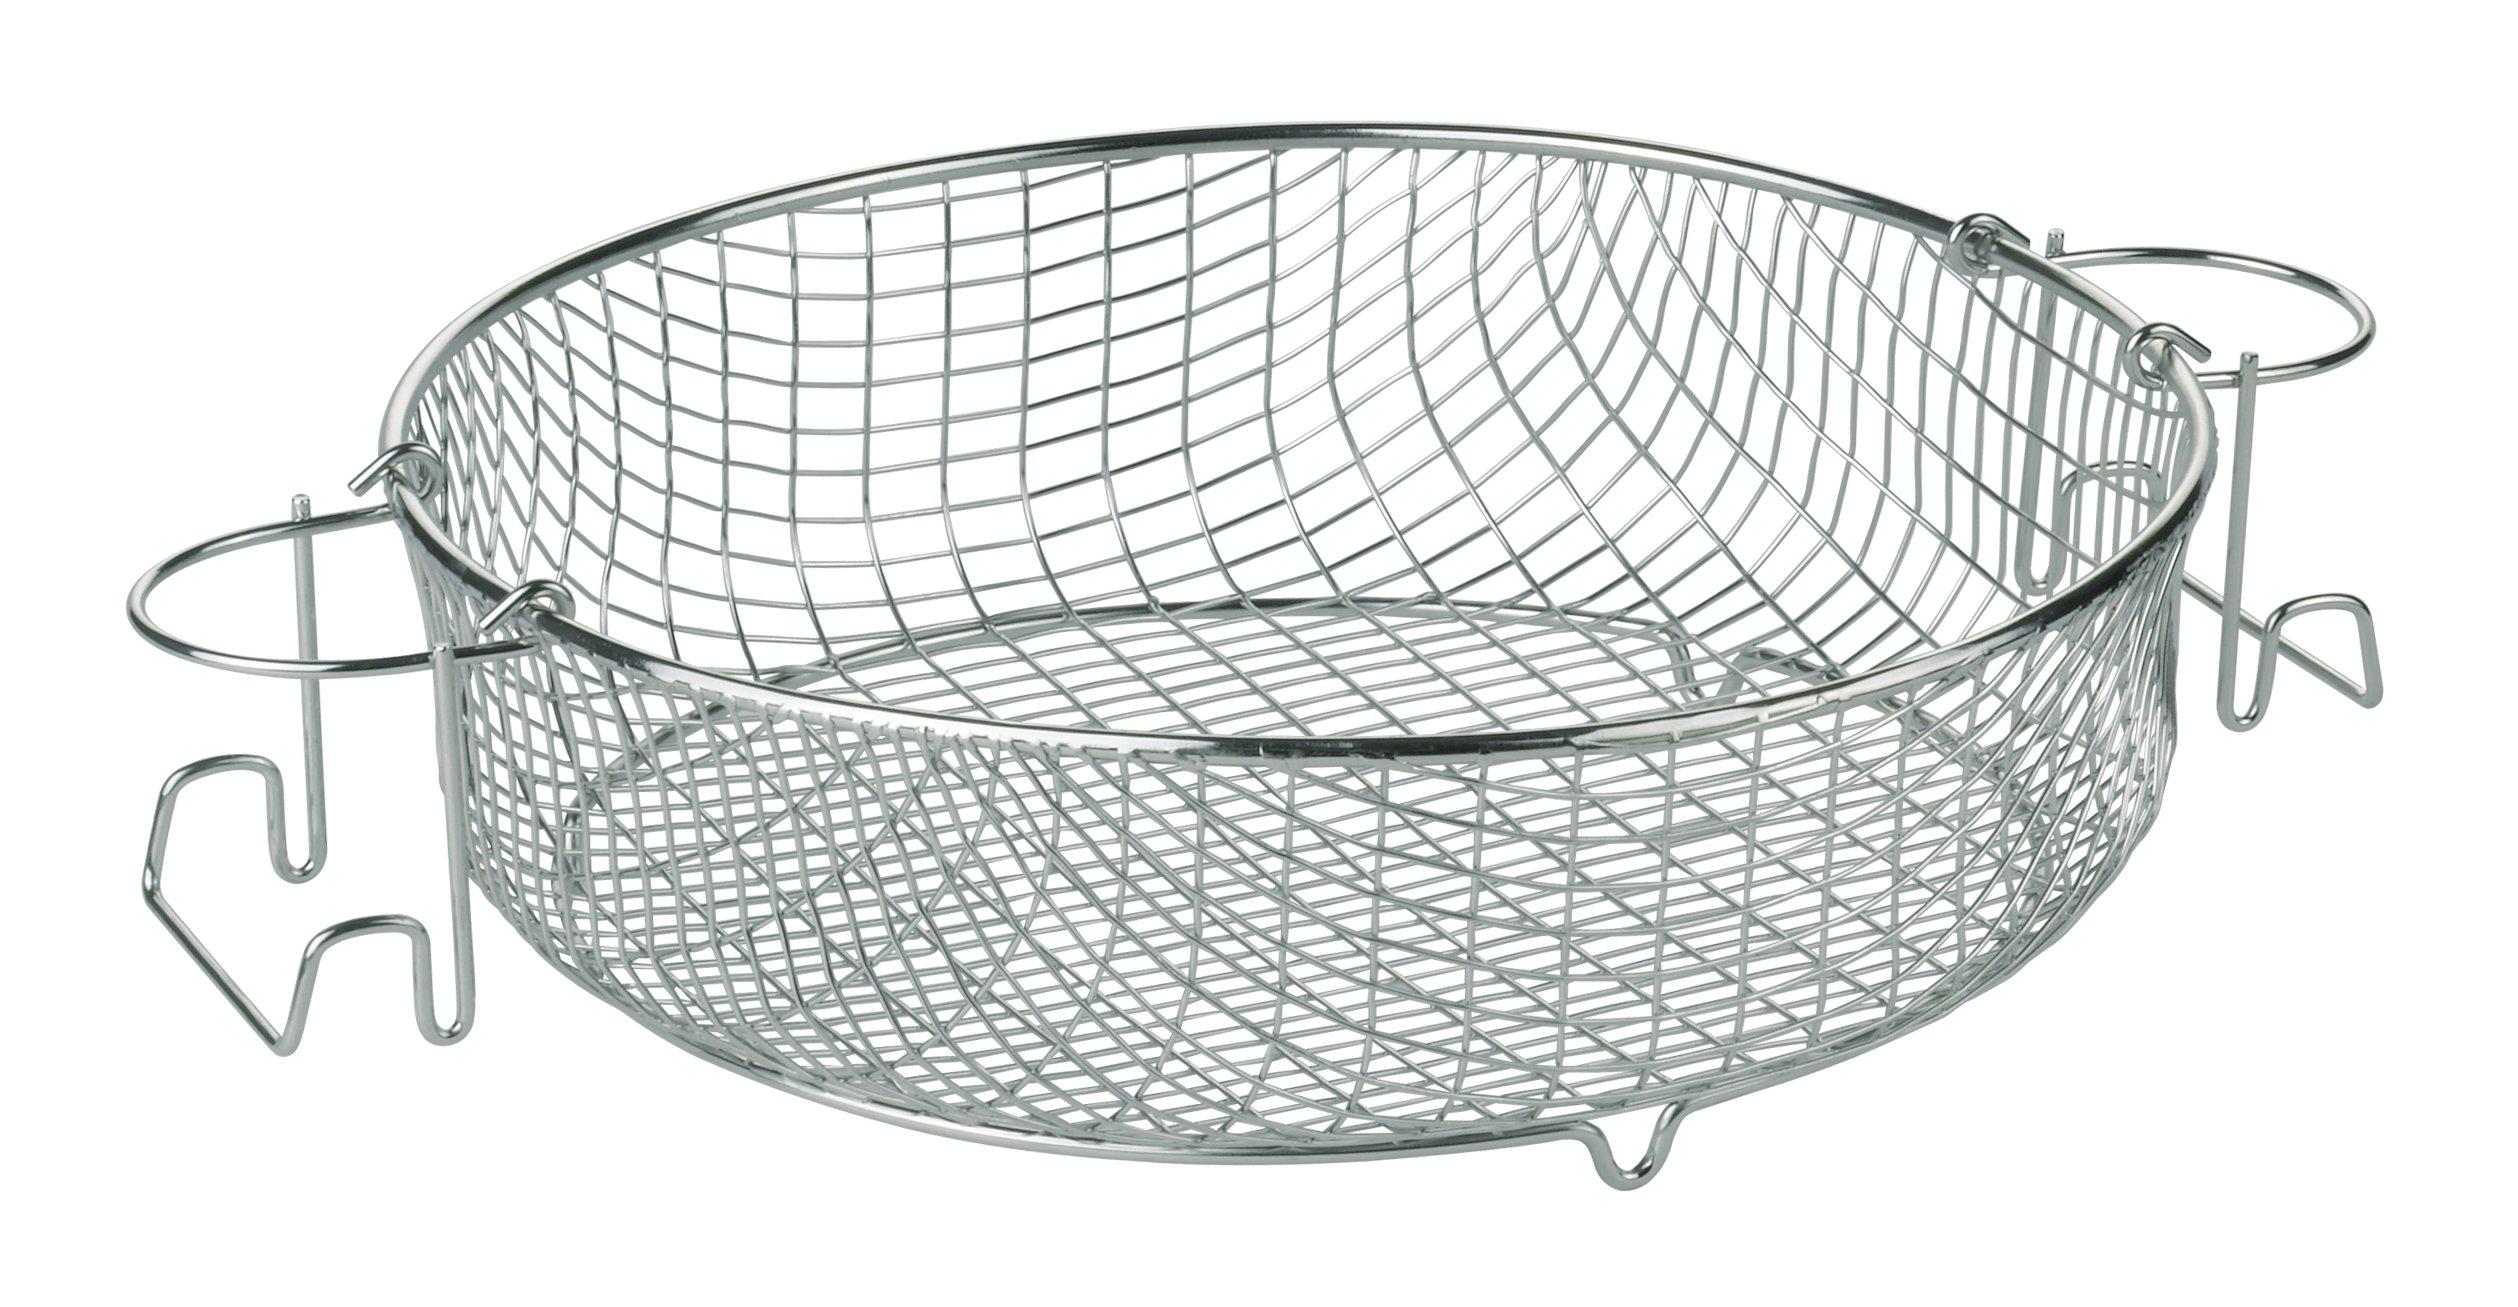 Fissler FSSFIS9209 Vitaquick Wire Basket, 10.2'', Stainless Steel by Fissler